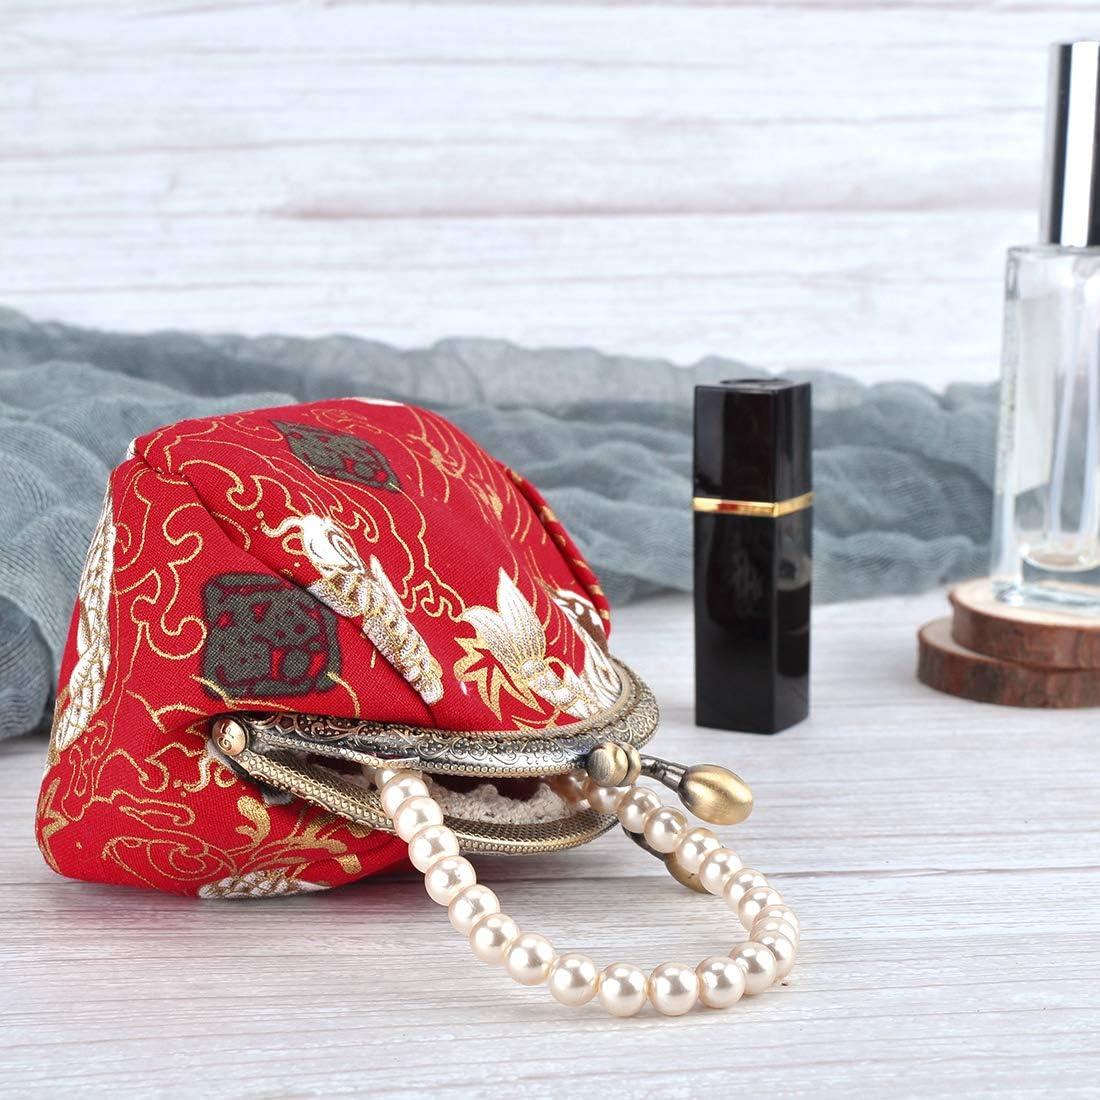 Oyachic 2 Pi/èces Porte Monnaie Porte-monnaie Femme Bourse Pochette Long Coin Purse Mini Wallet Titulaire de la Carte Pochette Passeport 2 pi/èces Rouge+Bleu